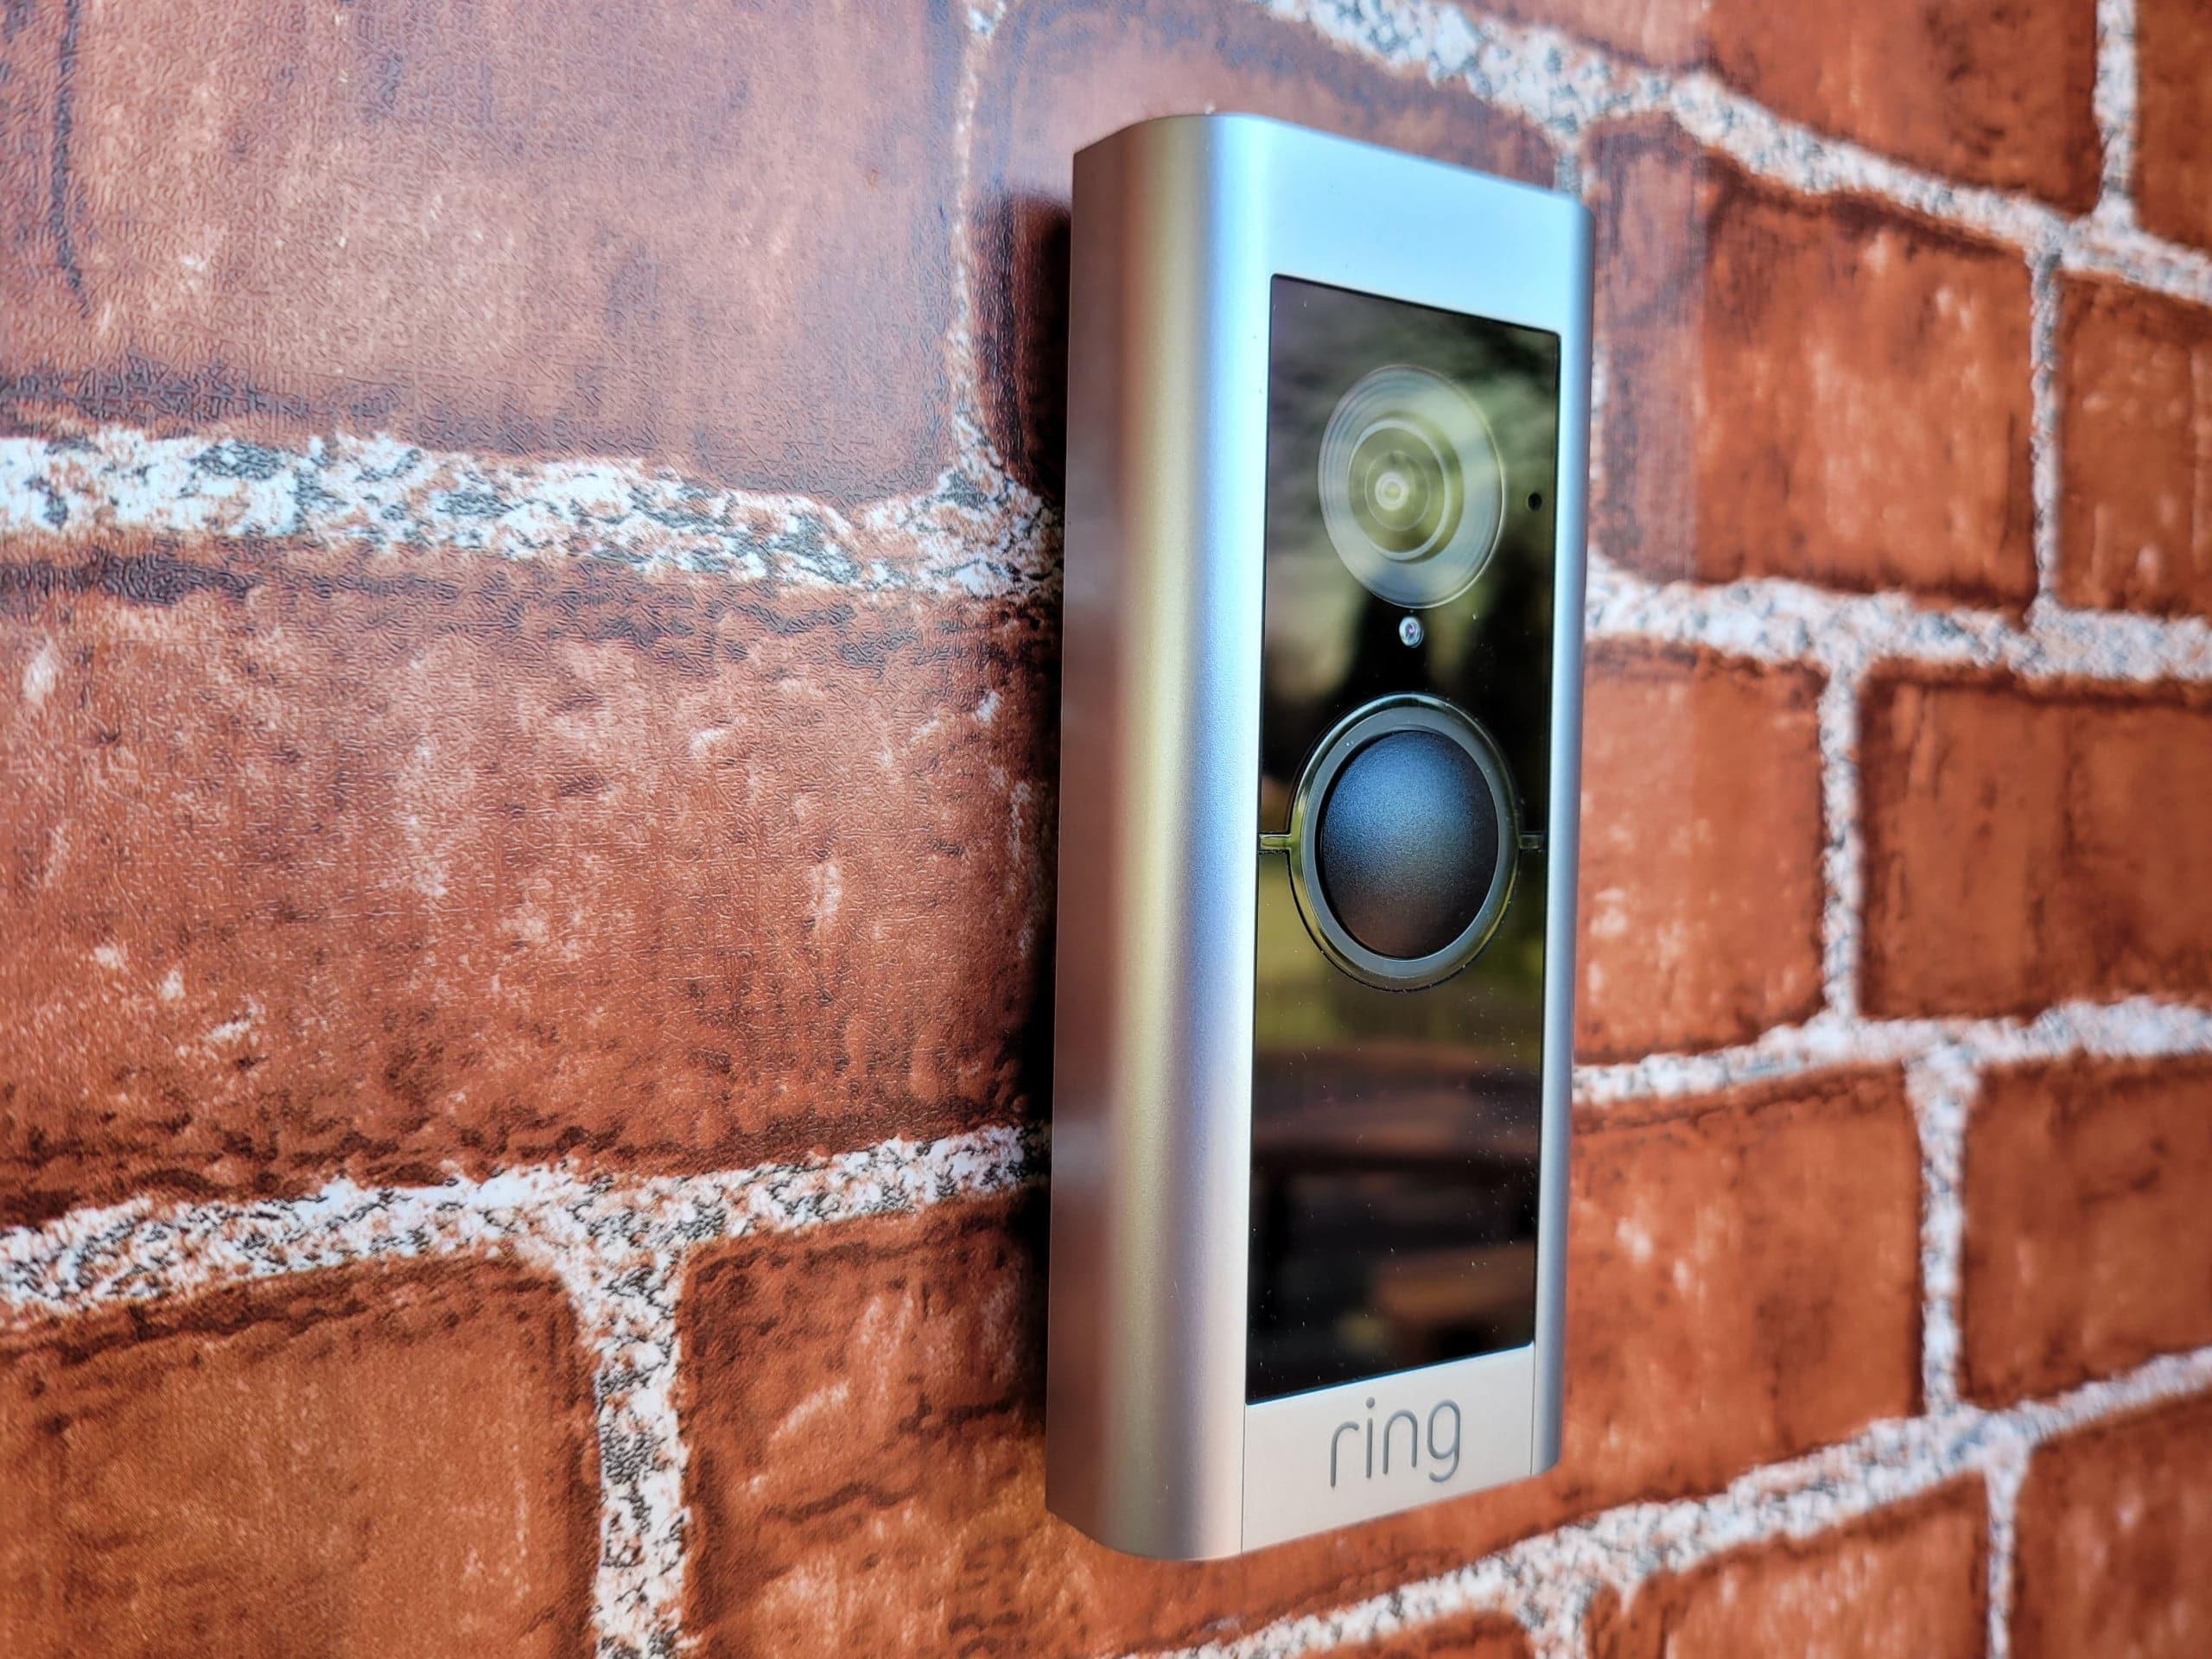 Ring video doorbell leader